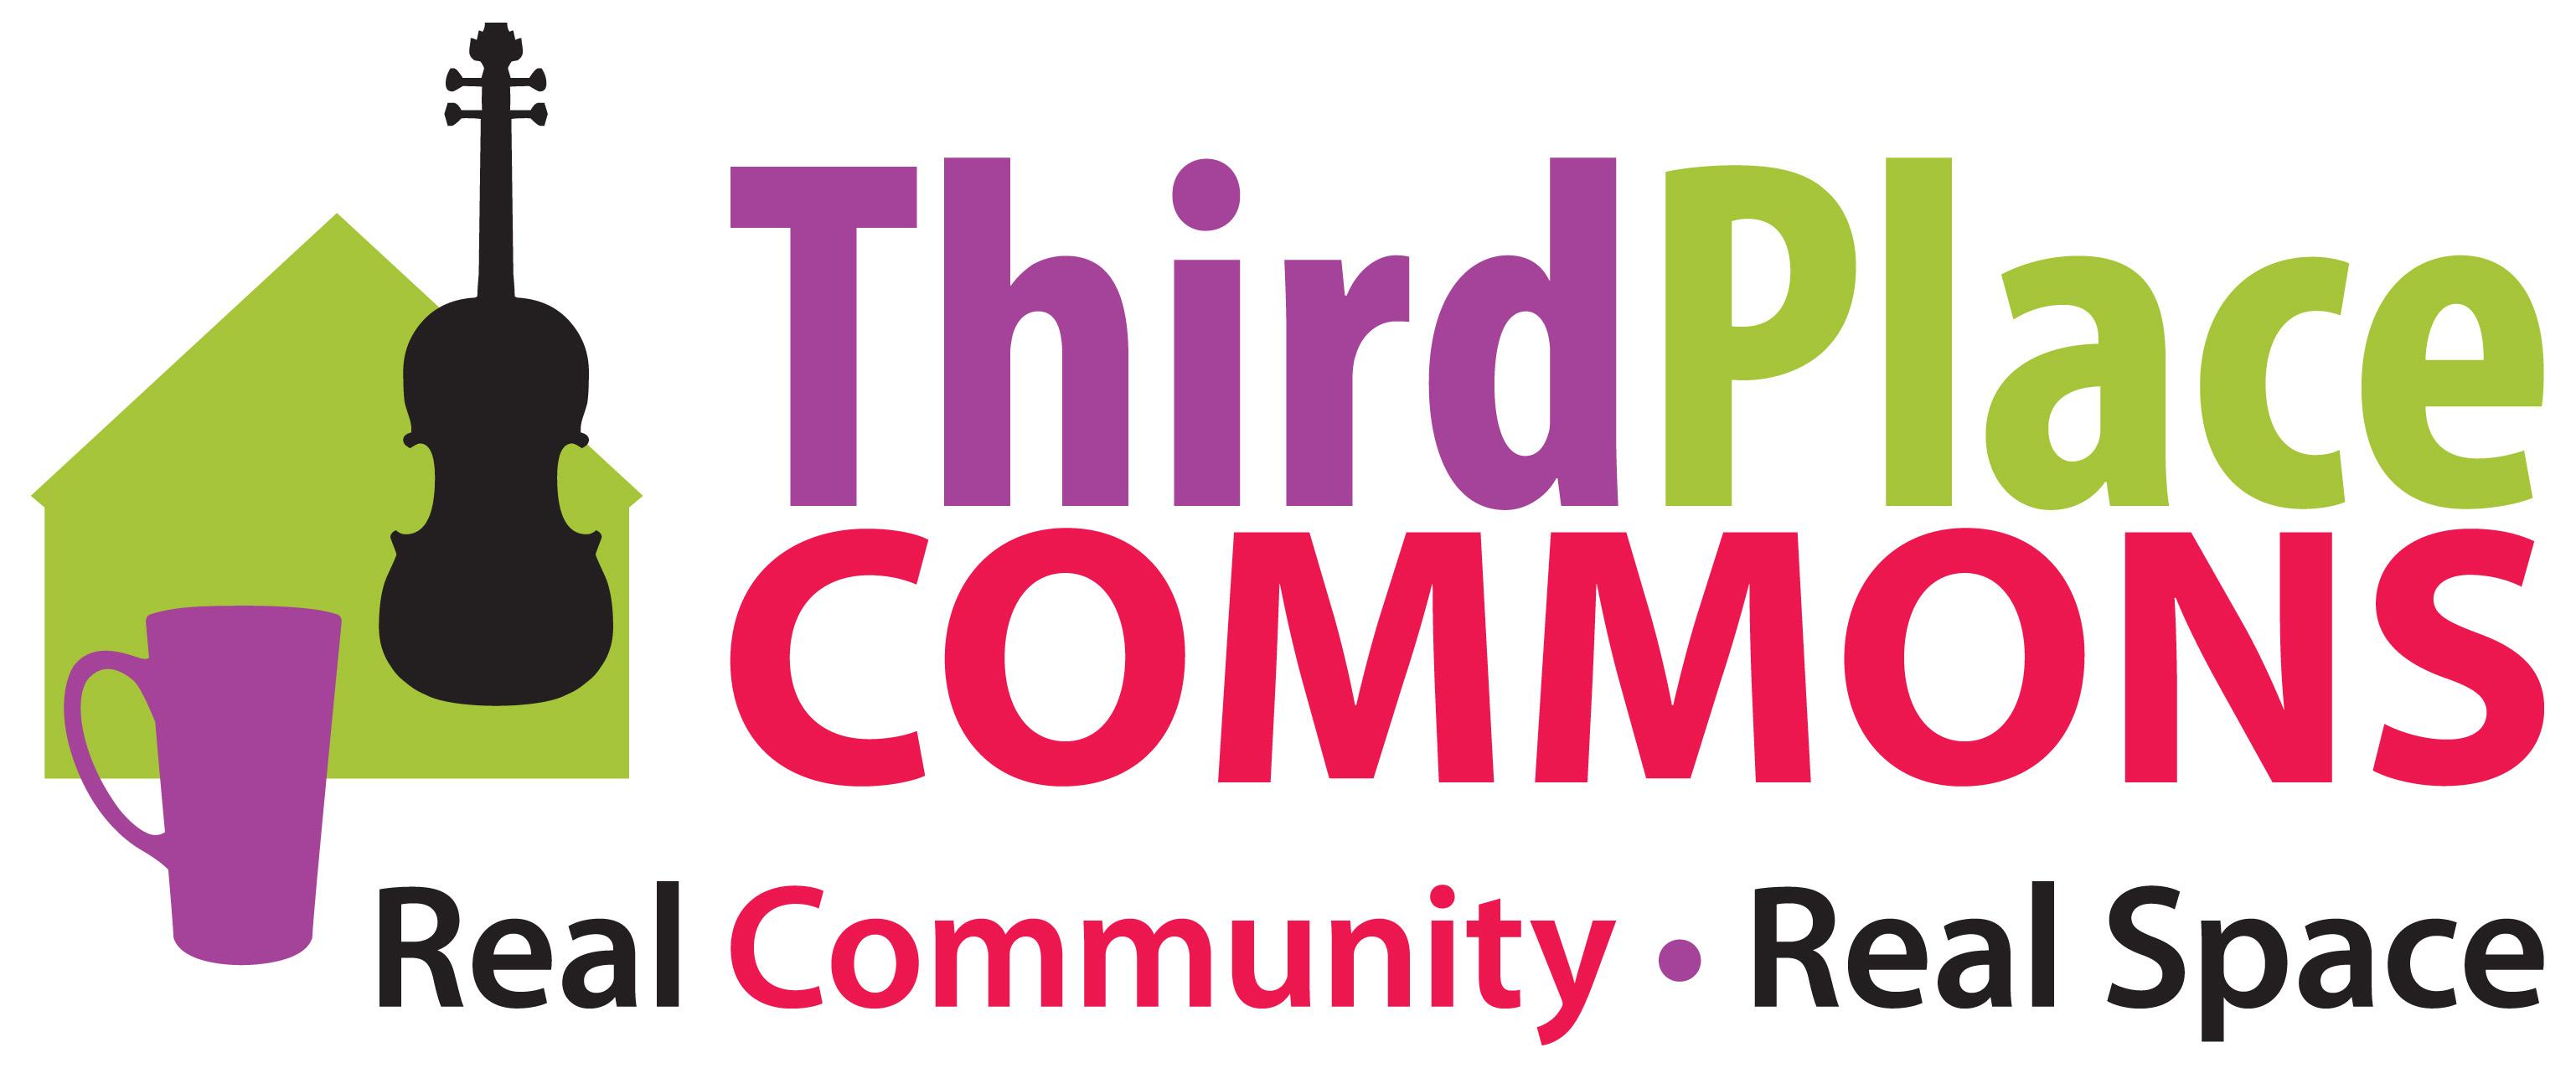 Commons_logo_NG